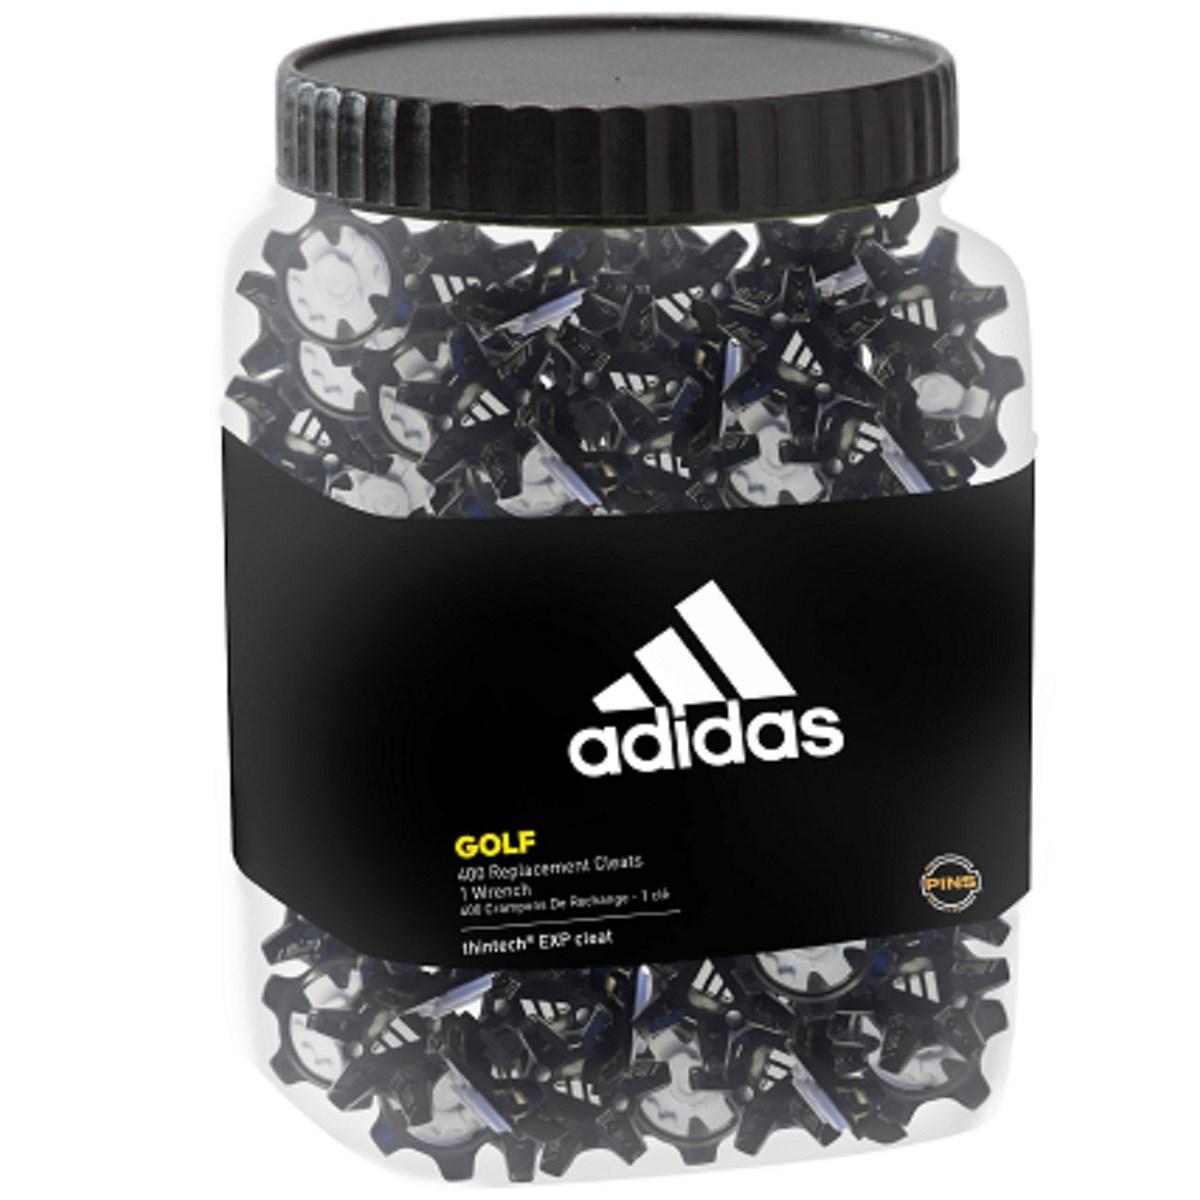 アディダス Adidas THINTECH EXP クリーツ 400個入り 【ピンズ】 ブラック BC5622